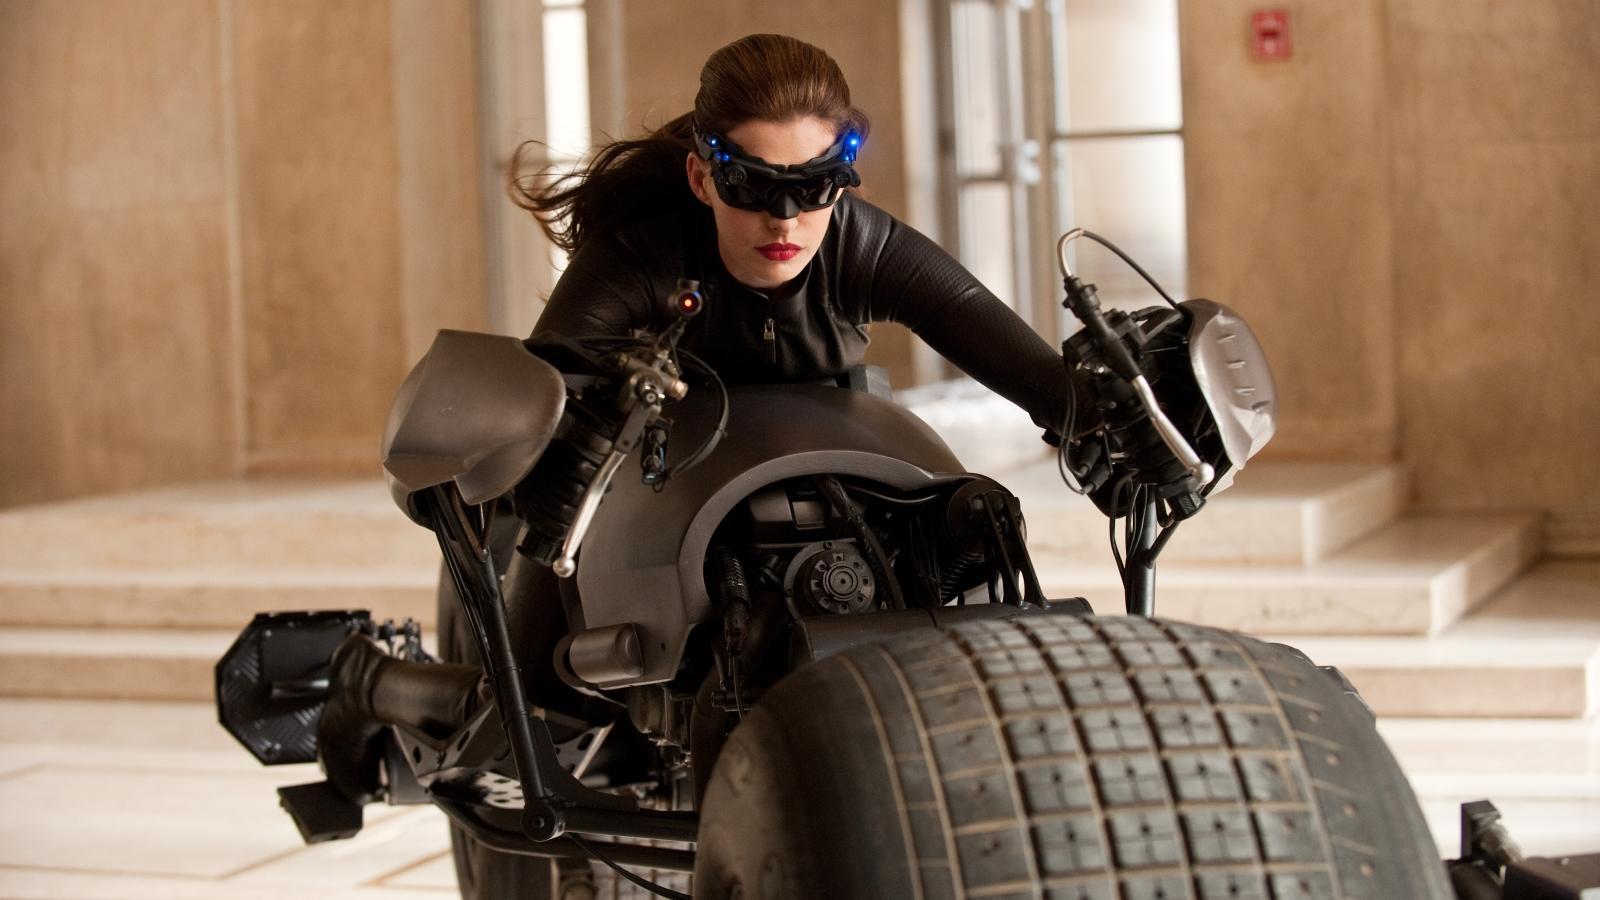 """Legyen szó Michelle Pfeifferről, Halle Berryről vagy Anne Hathawayről, a kérdés mindig az, a Macskanő karaktere hős vagy gonosz? Aztán persze a filmek végére egyértelmű lesz, ő is a """"jók"""" ligáját erősíti, miután felveszi a harcot a valódi gonoszokkal. (Warner Bros Pictures/Kobal/Shutterstock)"""